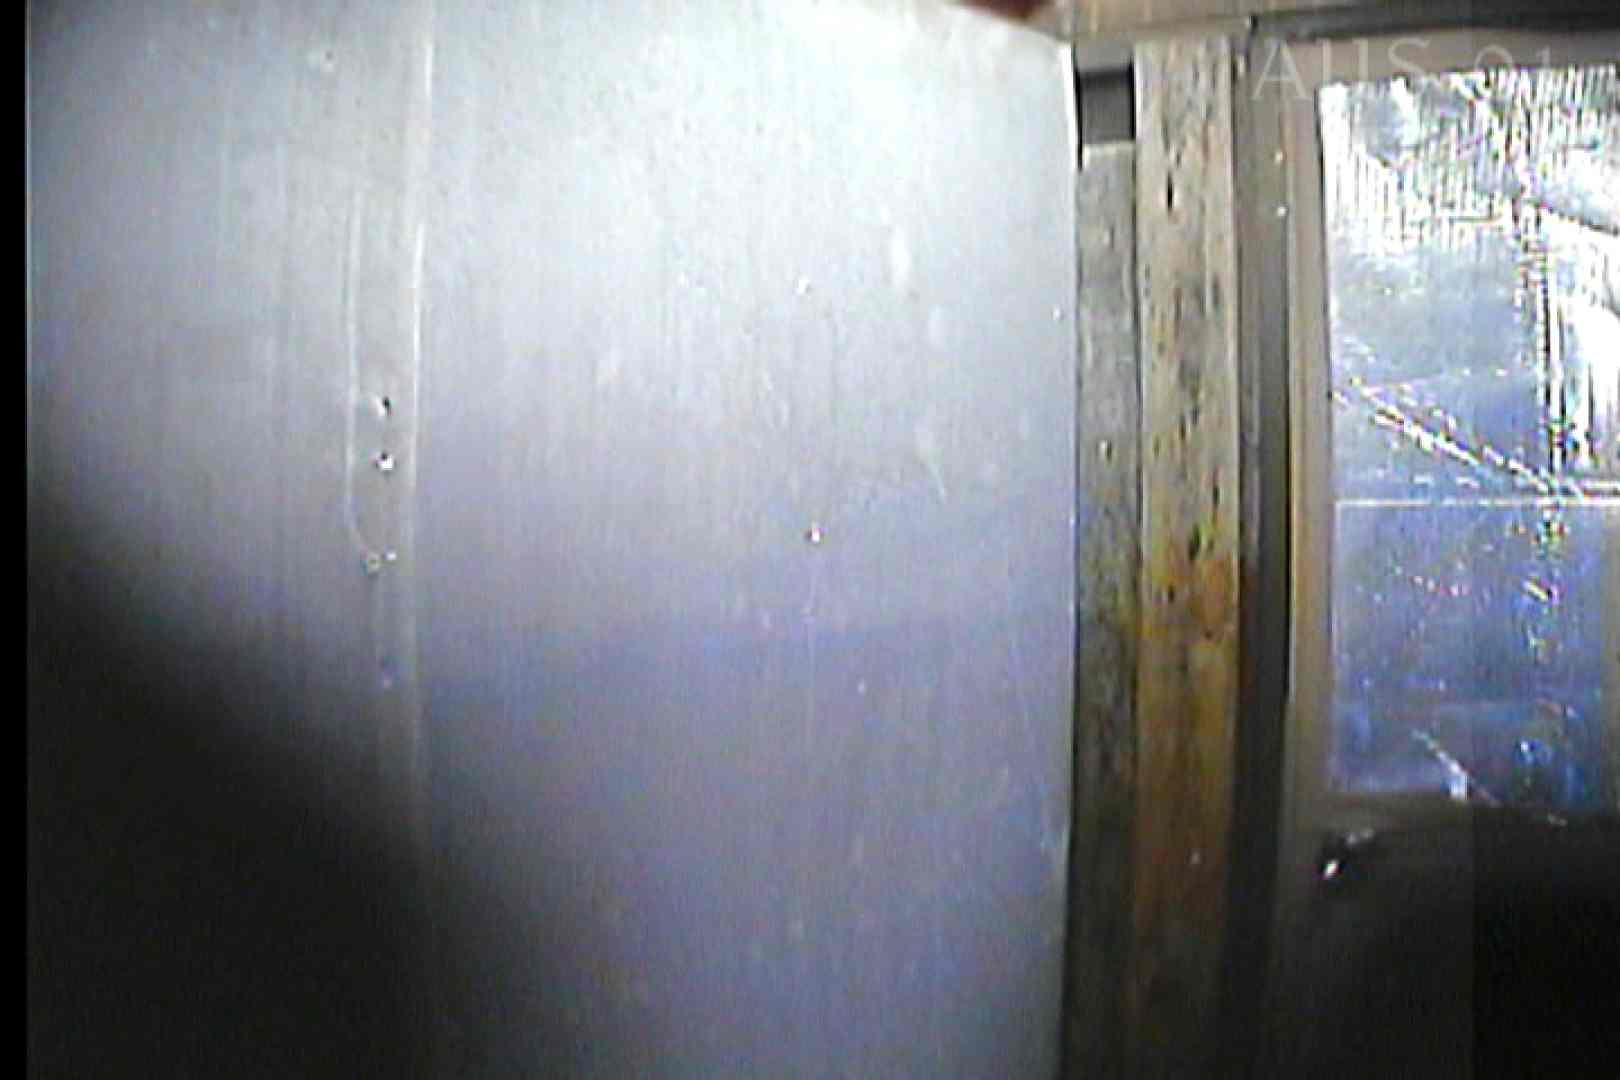 海の家の更衣室 Vol.05 日焼けした肌 エロ画像 82画像 55